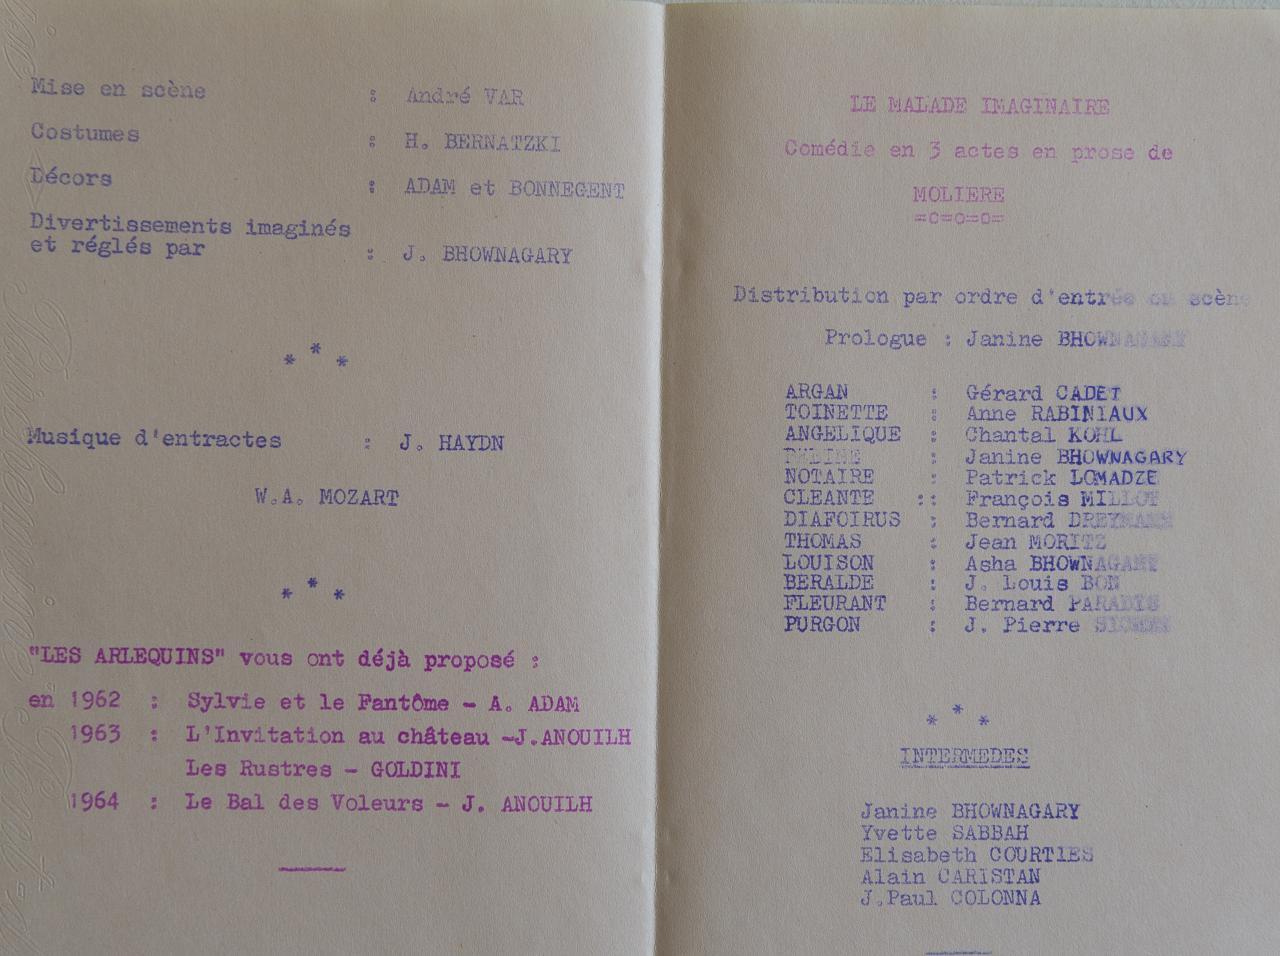 Programme 1965